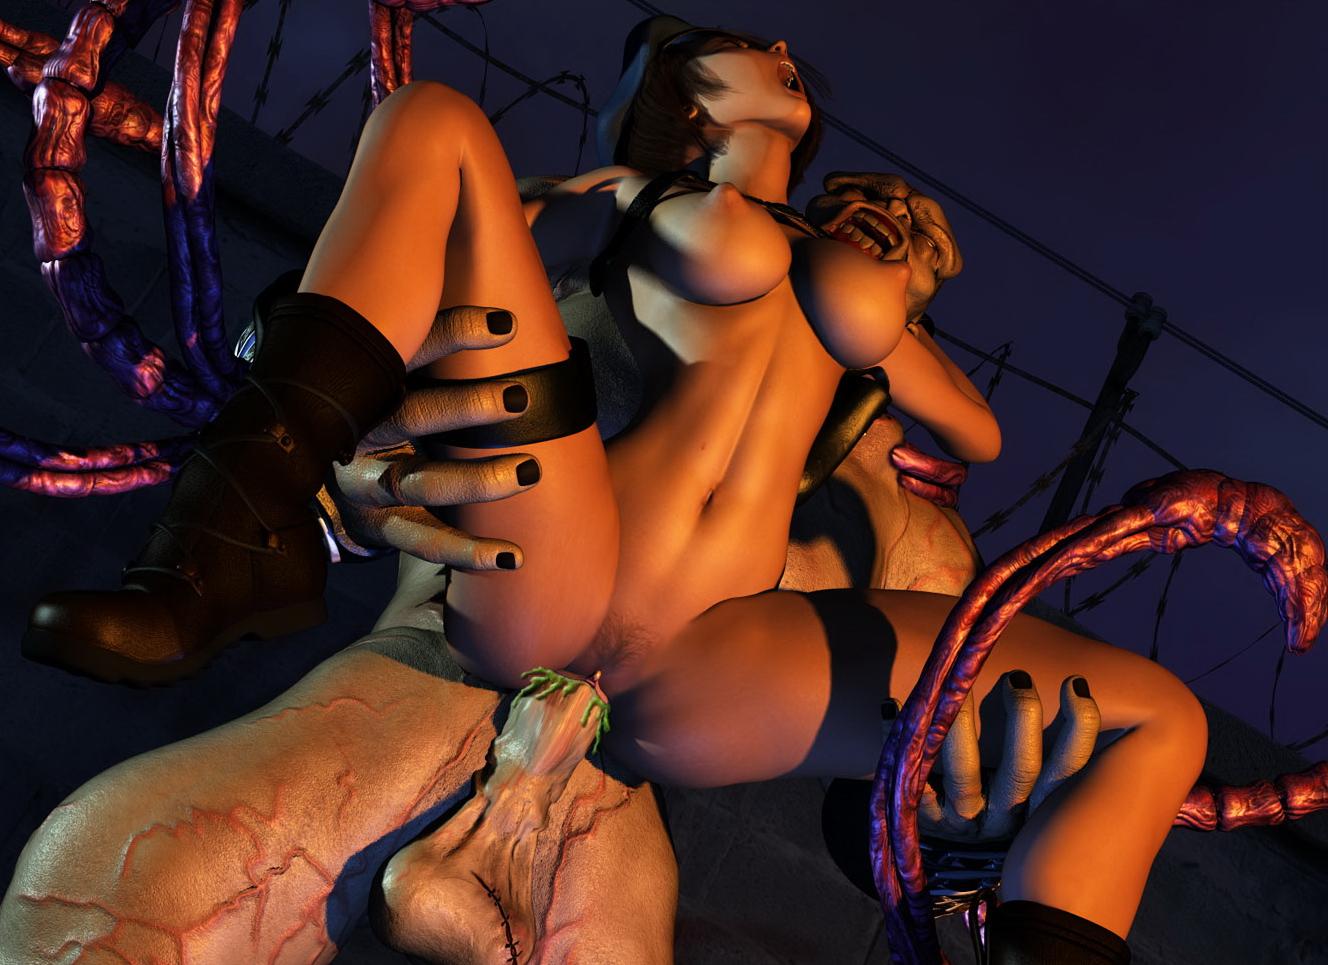 3d cartoon porn pics